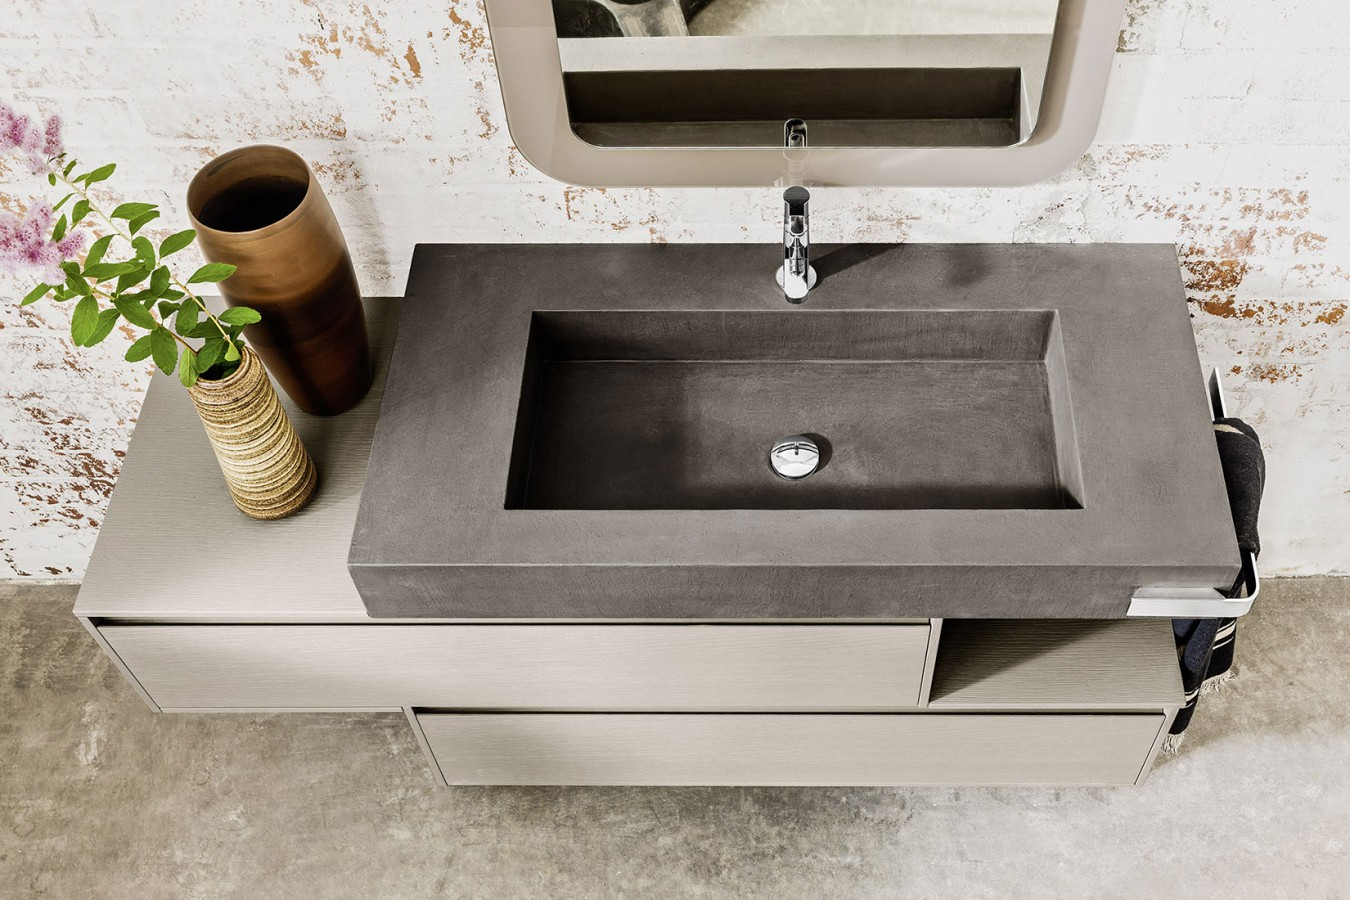 Mobili classici o moderni per l 39 arredamento del tuo bagno for Mobili bagno a terra moderni